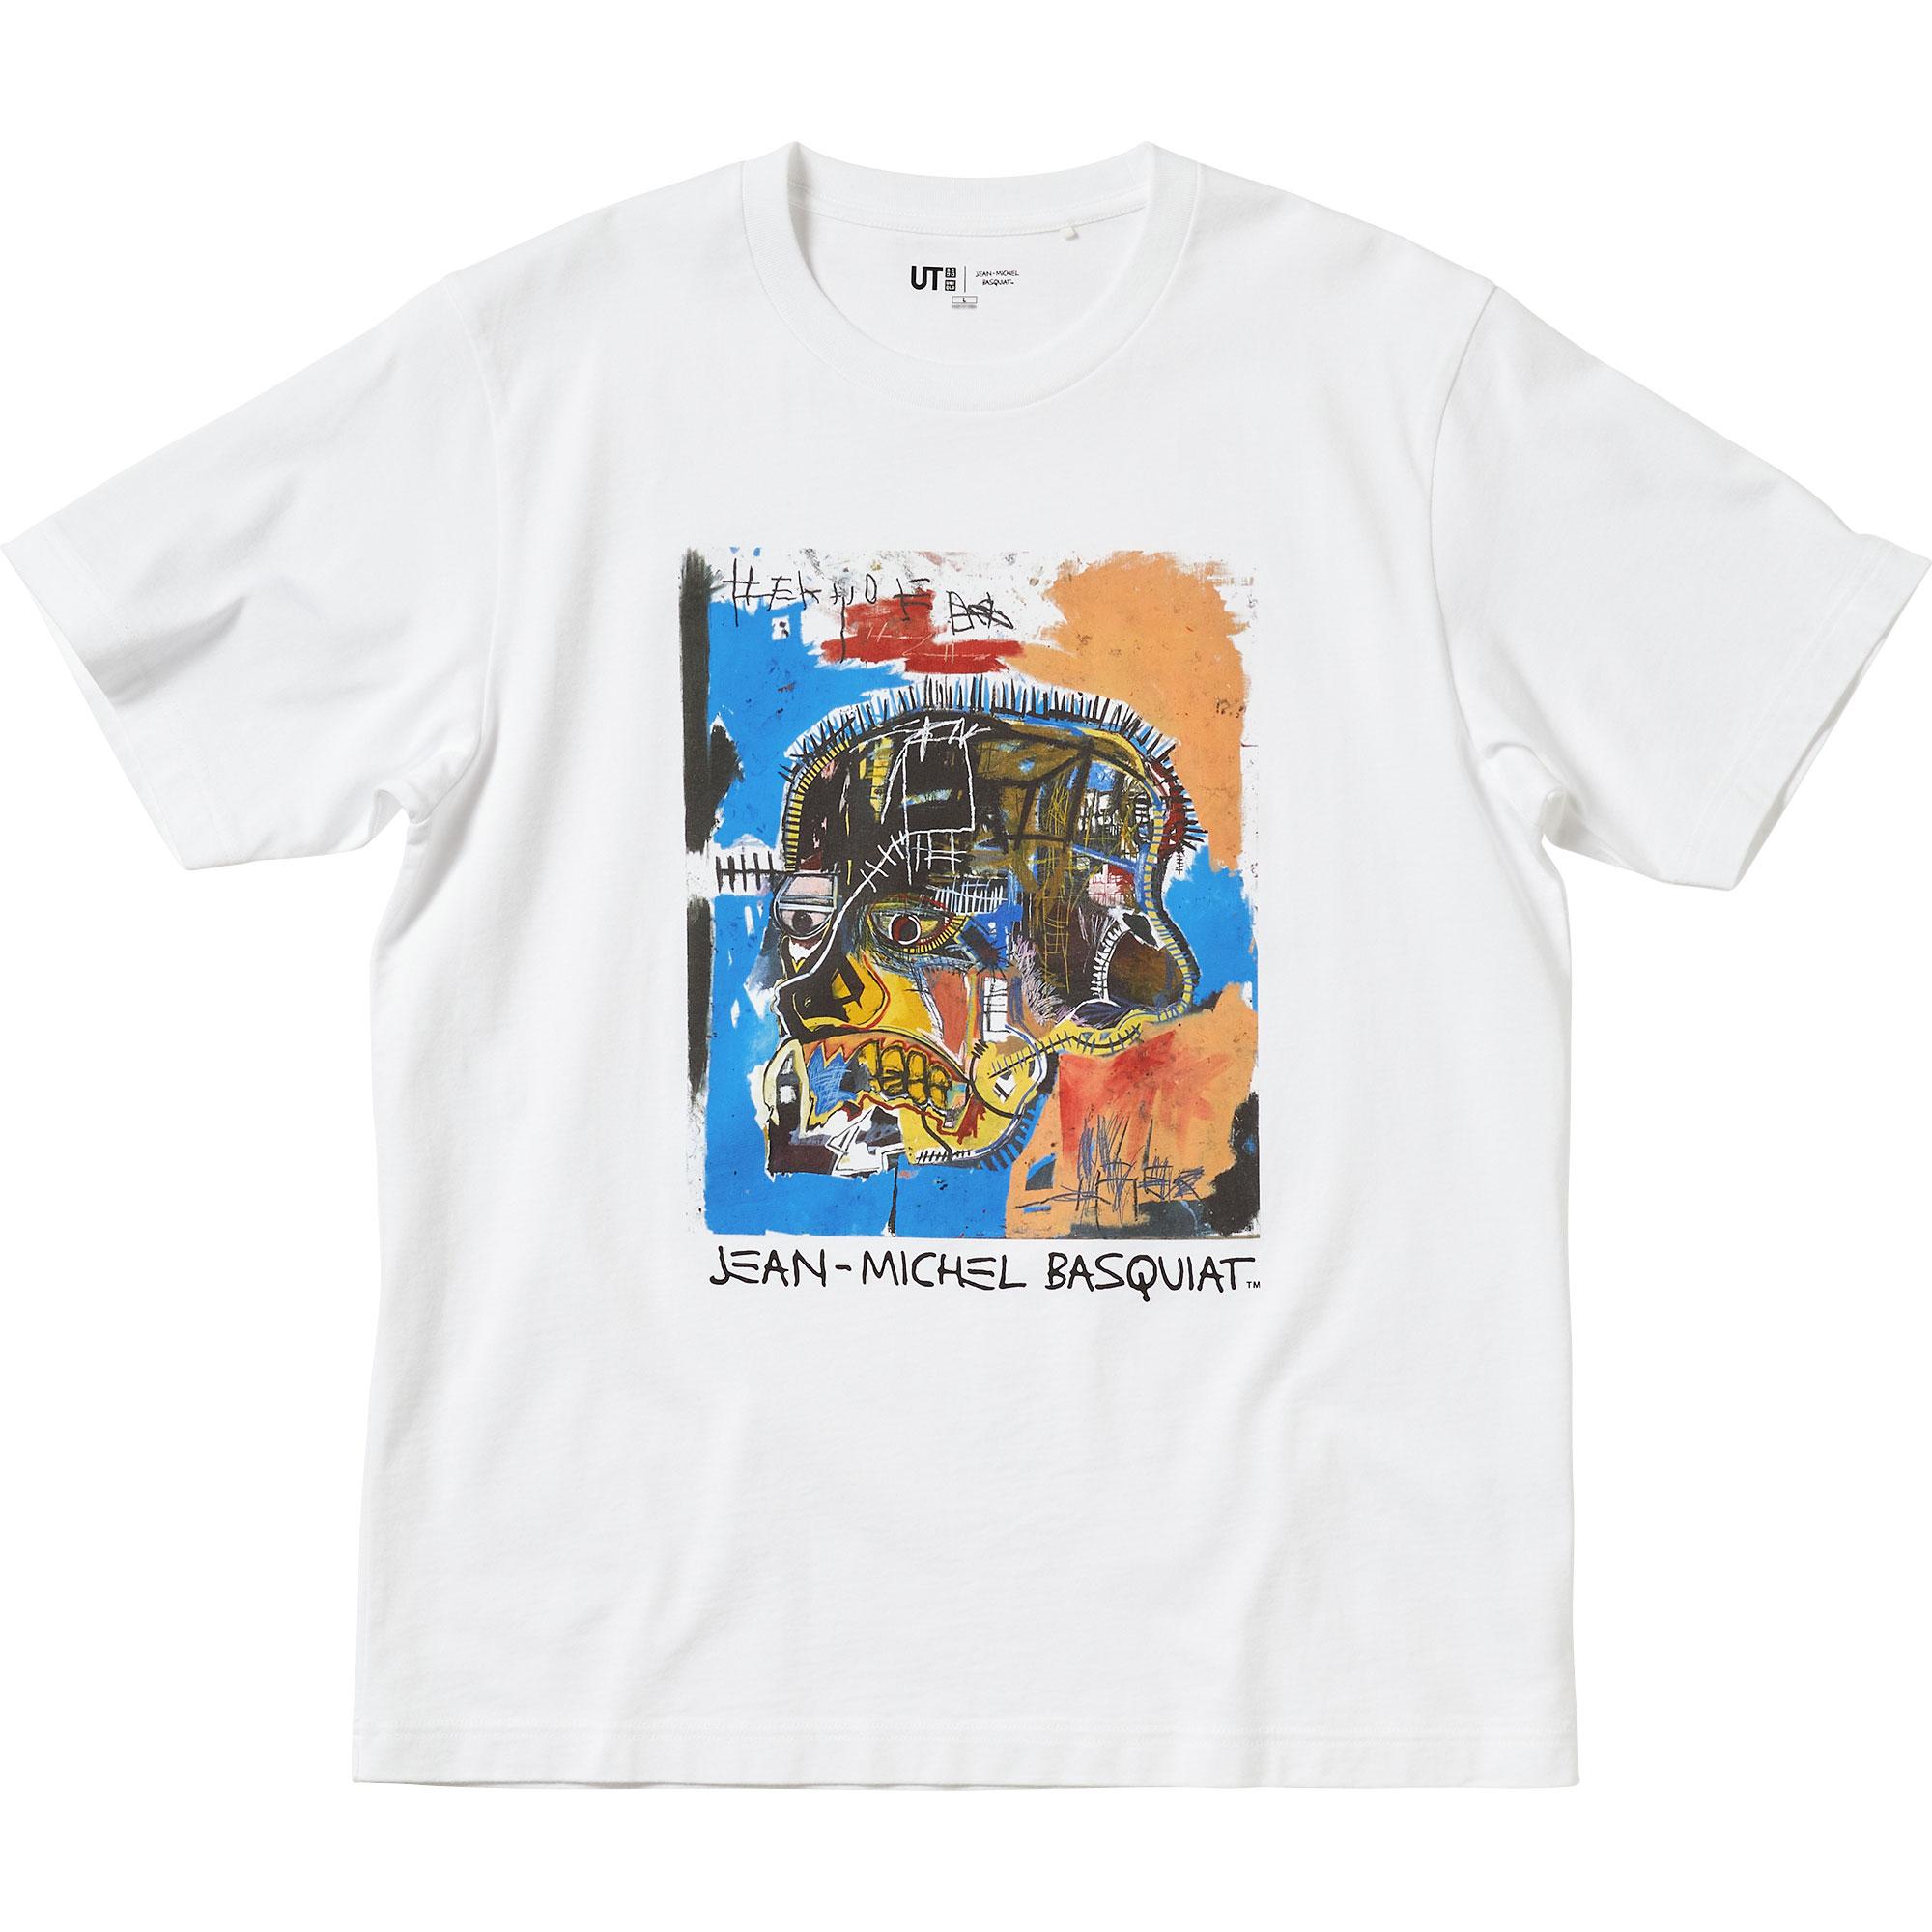 Jean-Michel Basquiat UT Tee